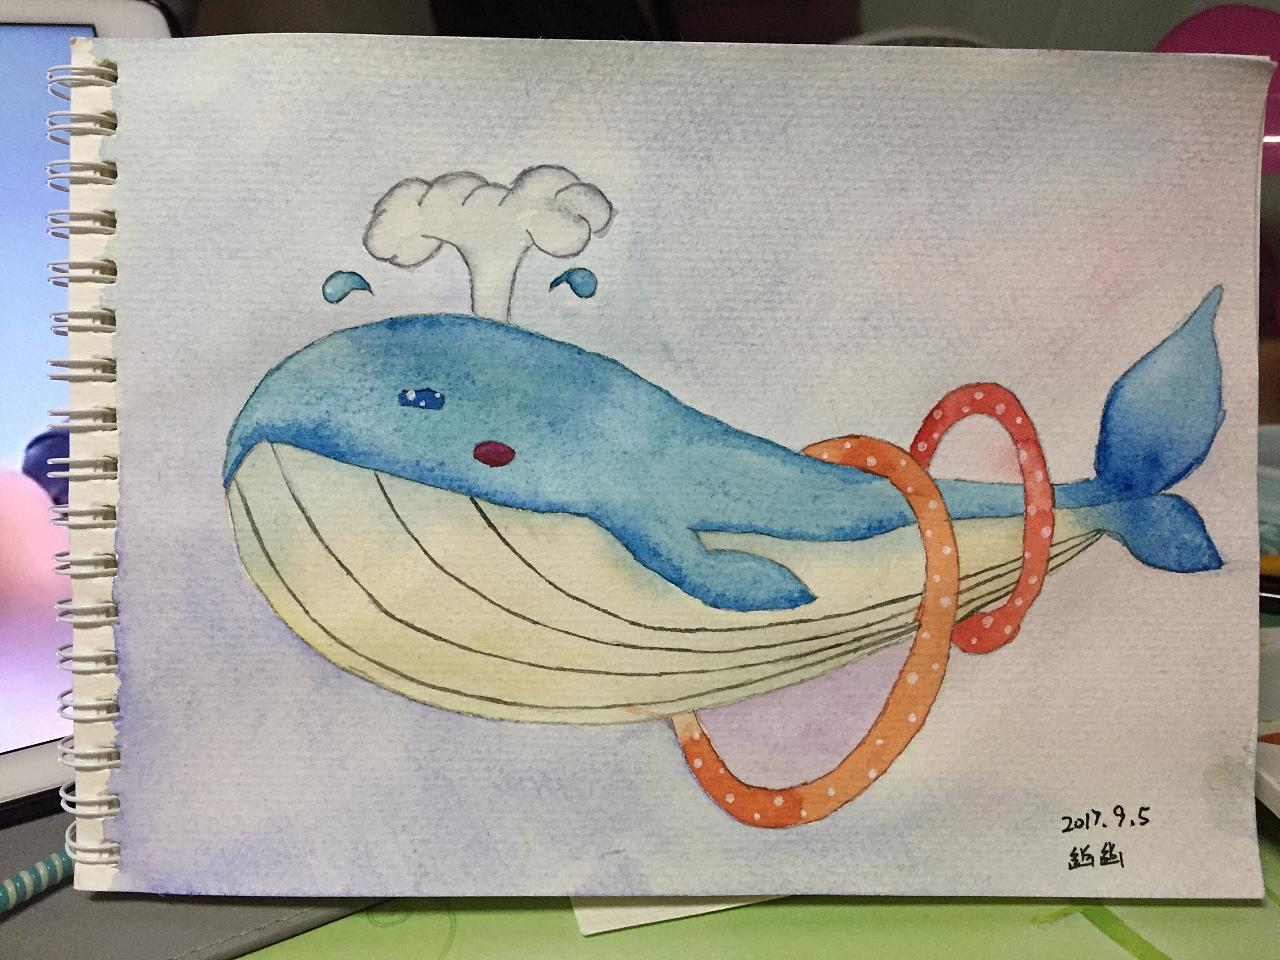 [水彩手绘] 鲸鱼